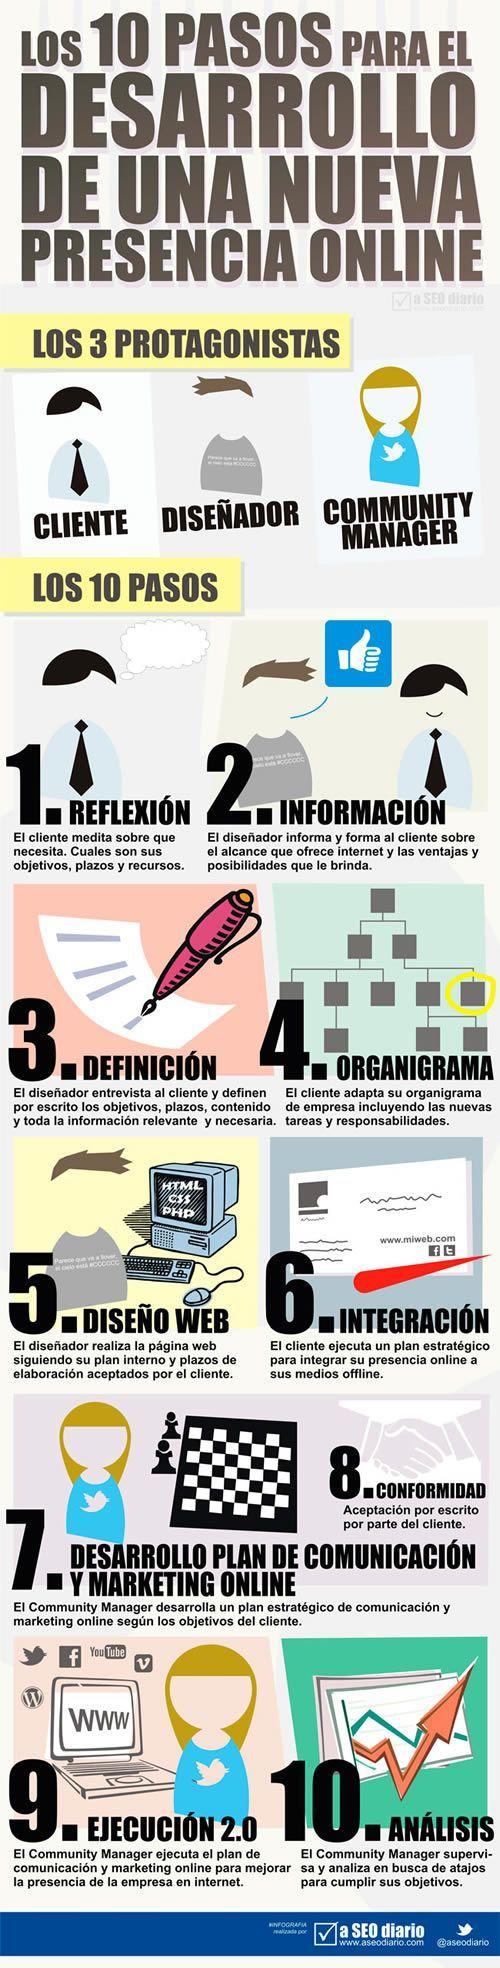 10pasos_presencia_online